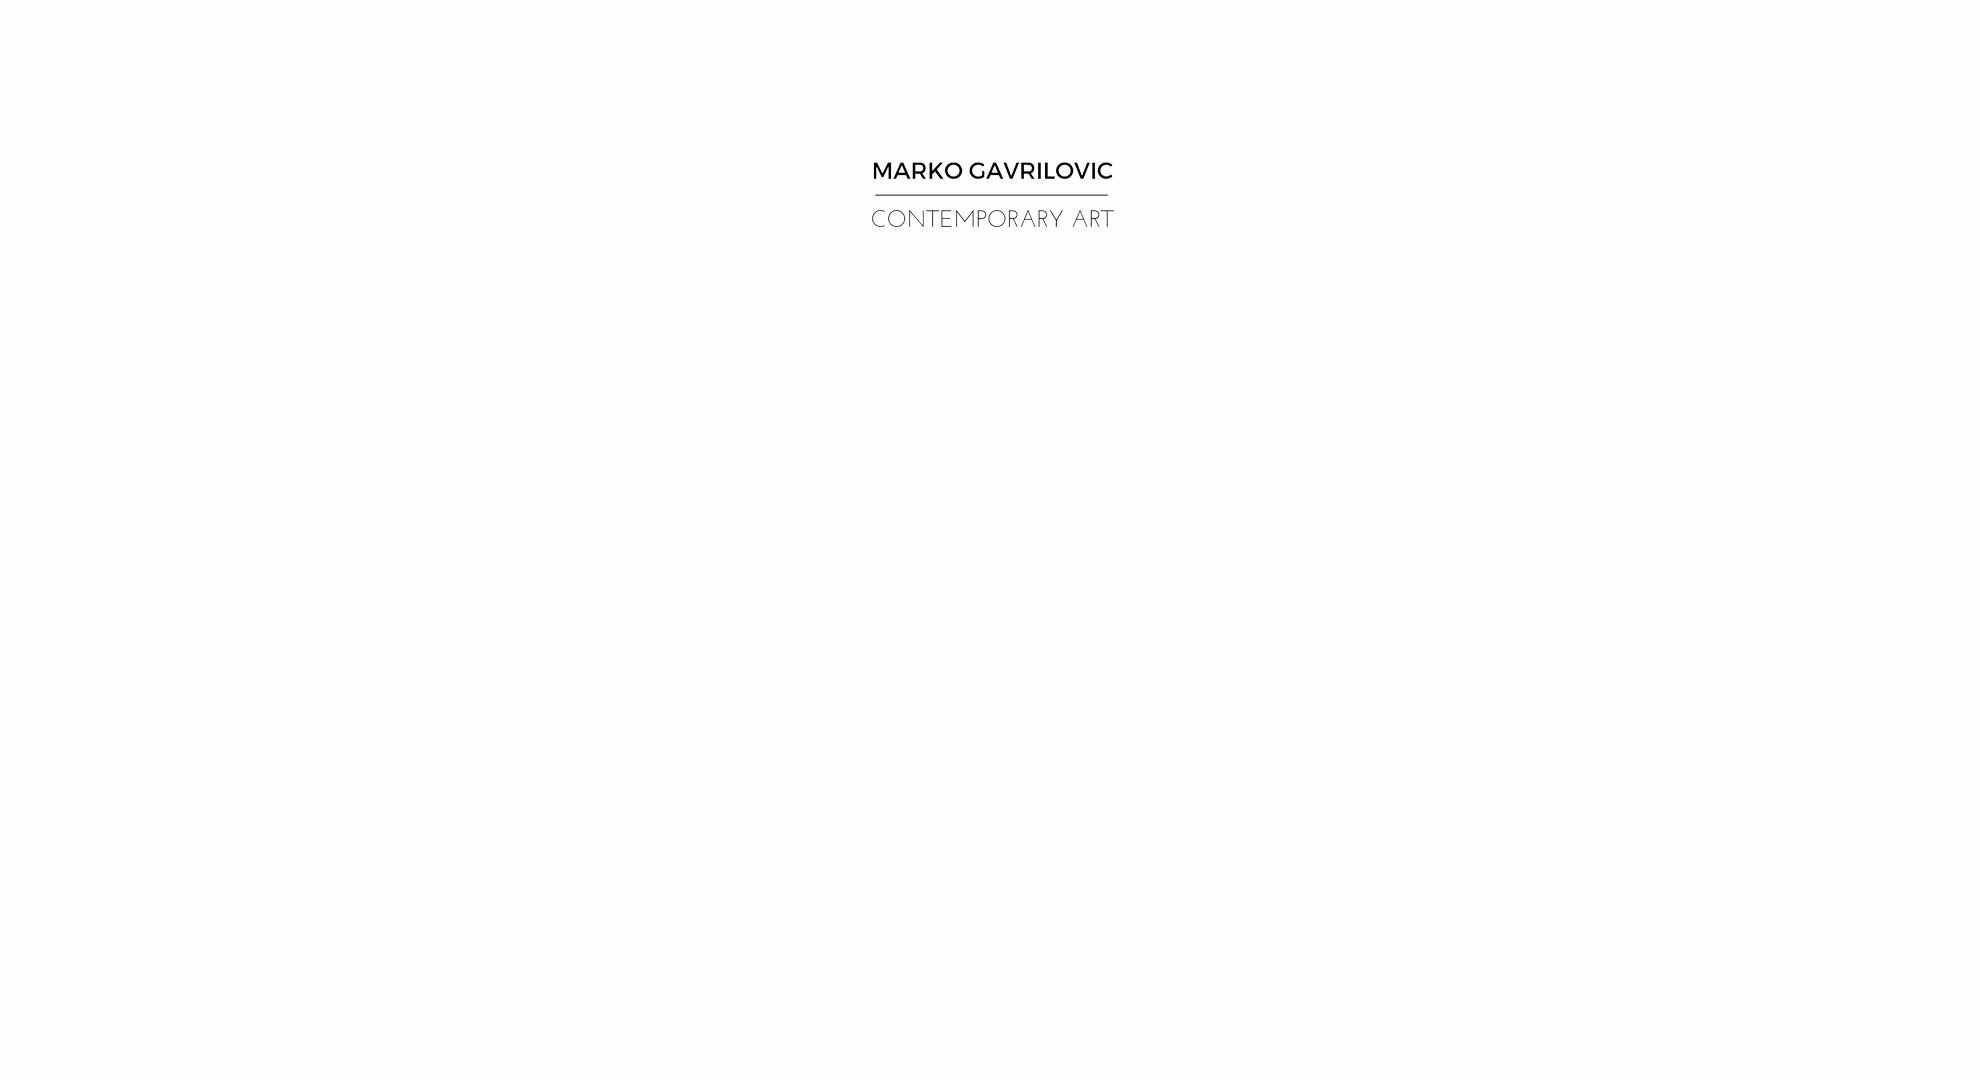 marko gavrilovic homepage